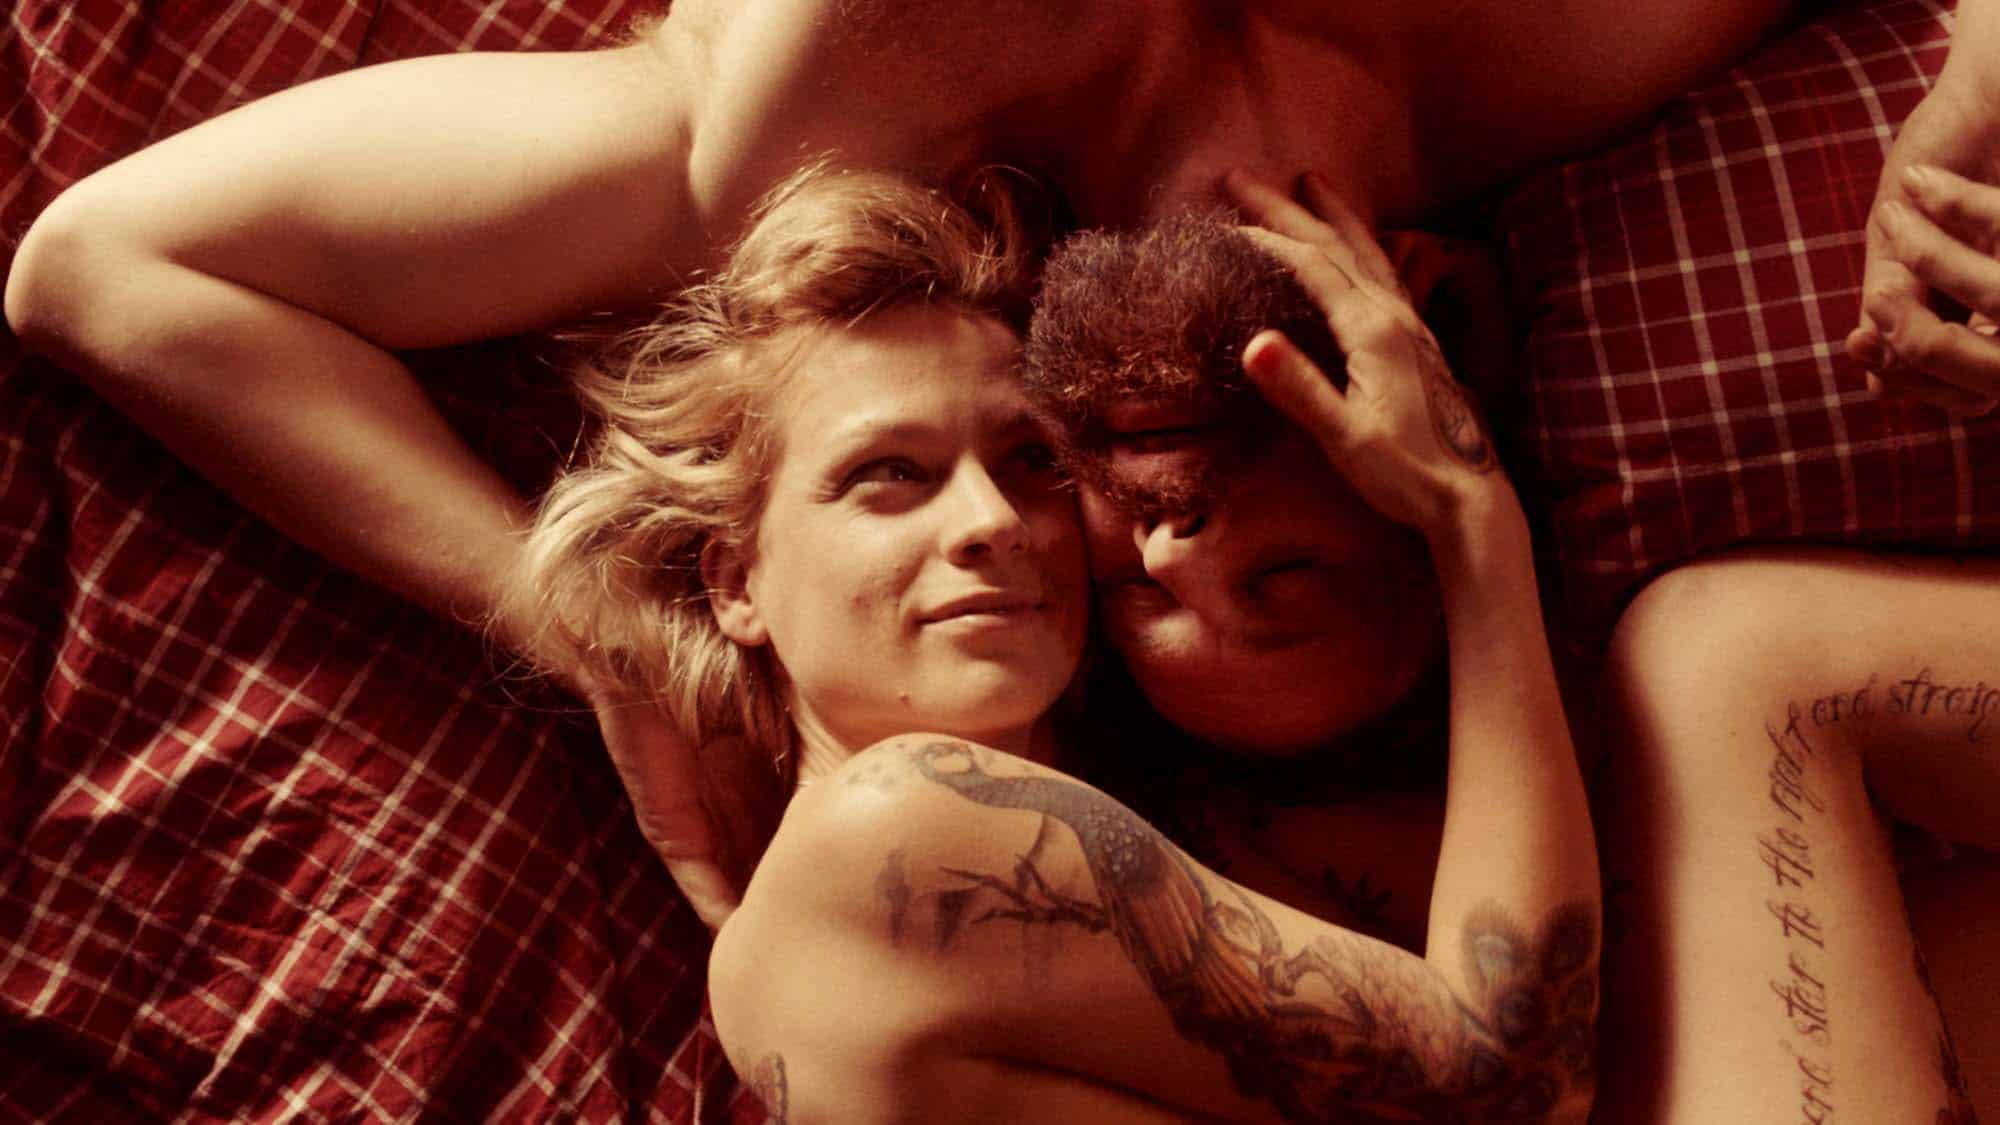 İzlerken Gözyaşlarınızı Tutamayacağınız Türk Yapımı 10 Aşk Filmi